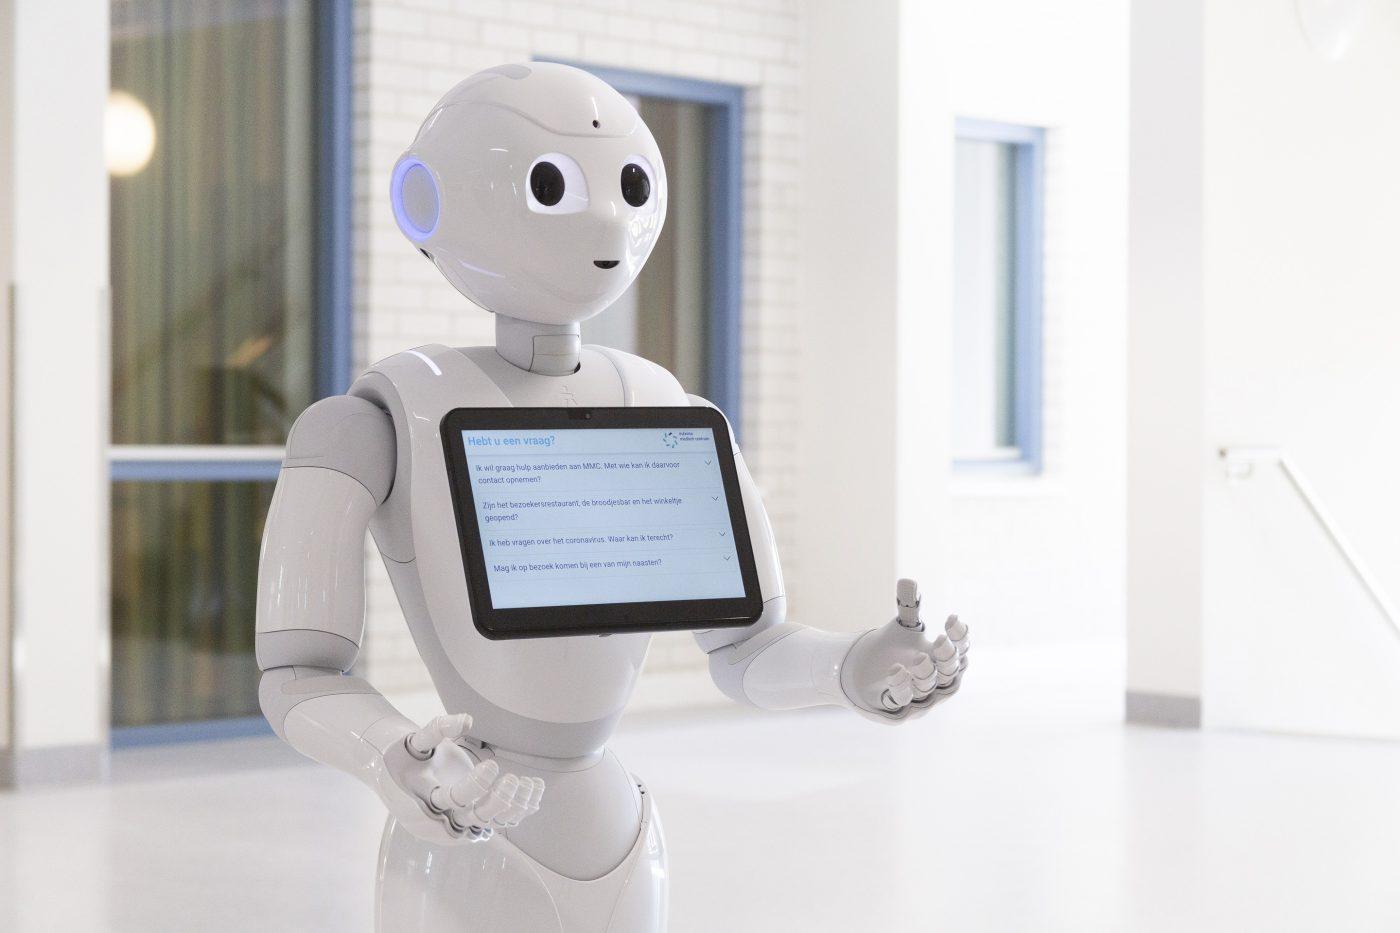 Robot Pepper houdt MMC op afstand